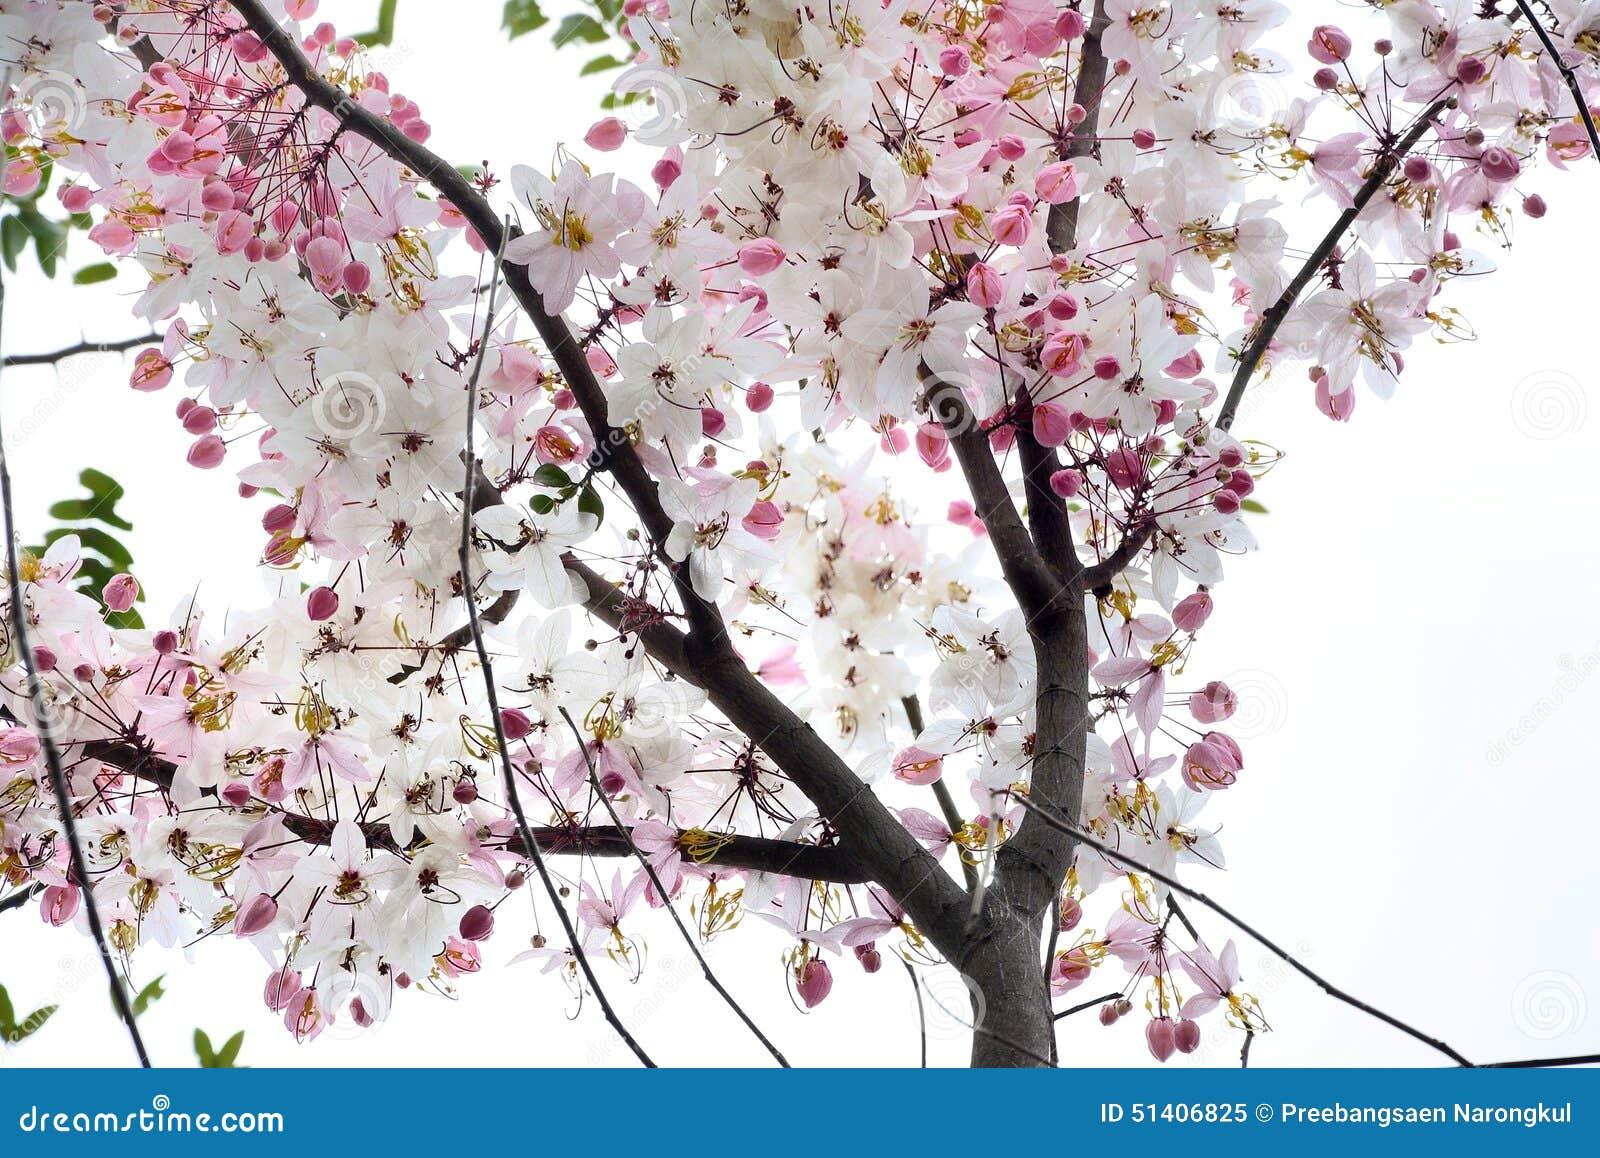 Kanlapaphruekbloemen